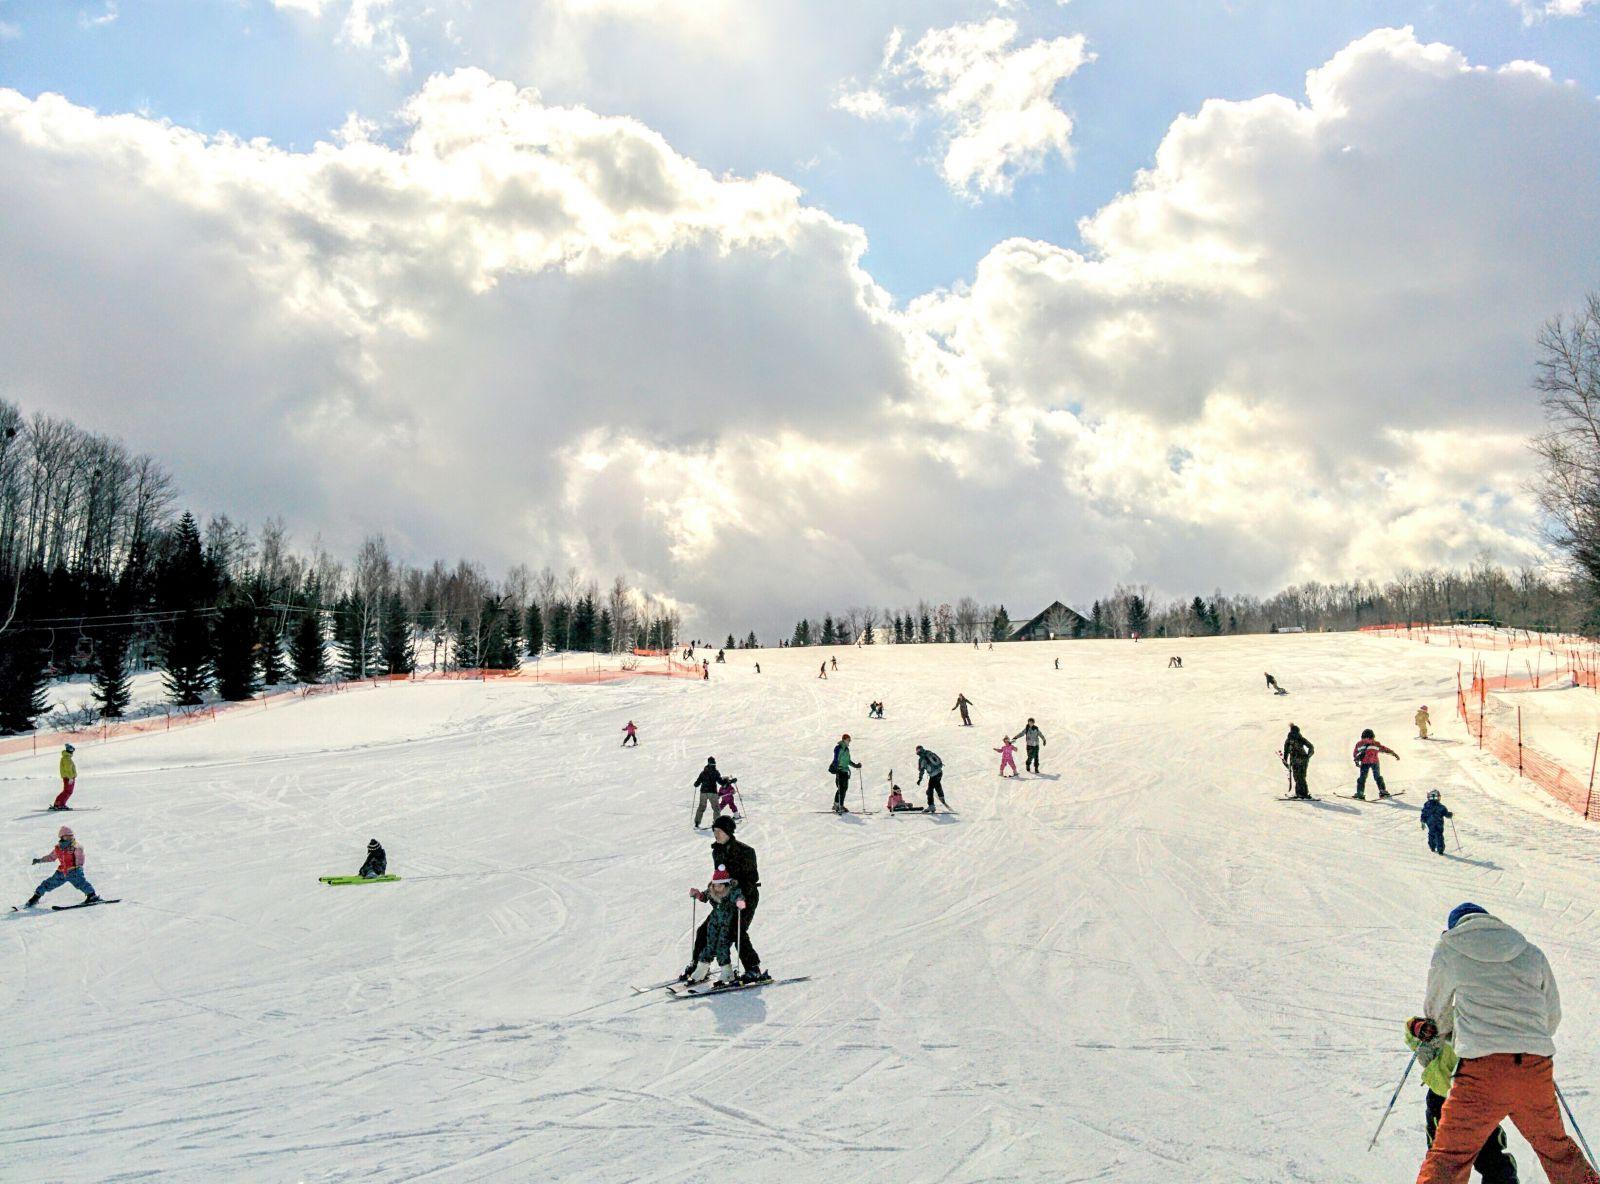 【札幌】国営滝野すずらん公園・滝野スノーワールド観光案内です。